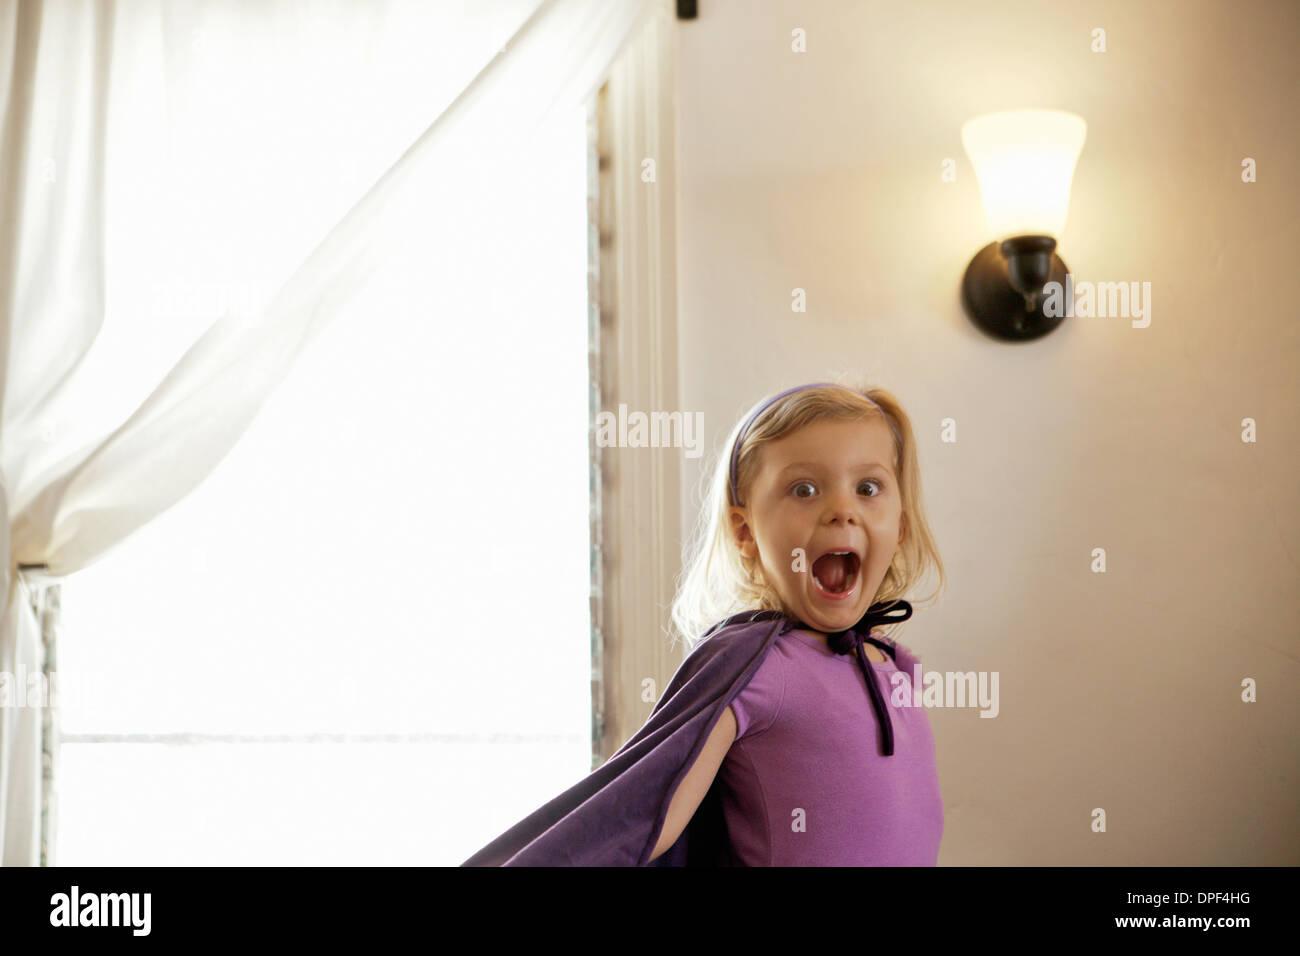 Ritratto di giovane ragazza tirando una faccia Immagini Stock